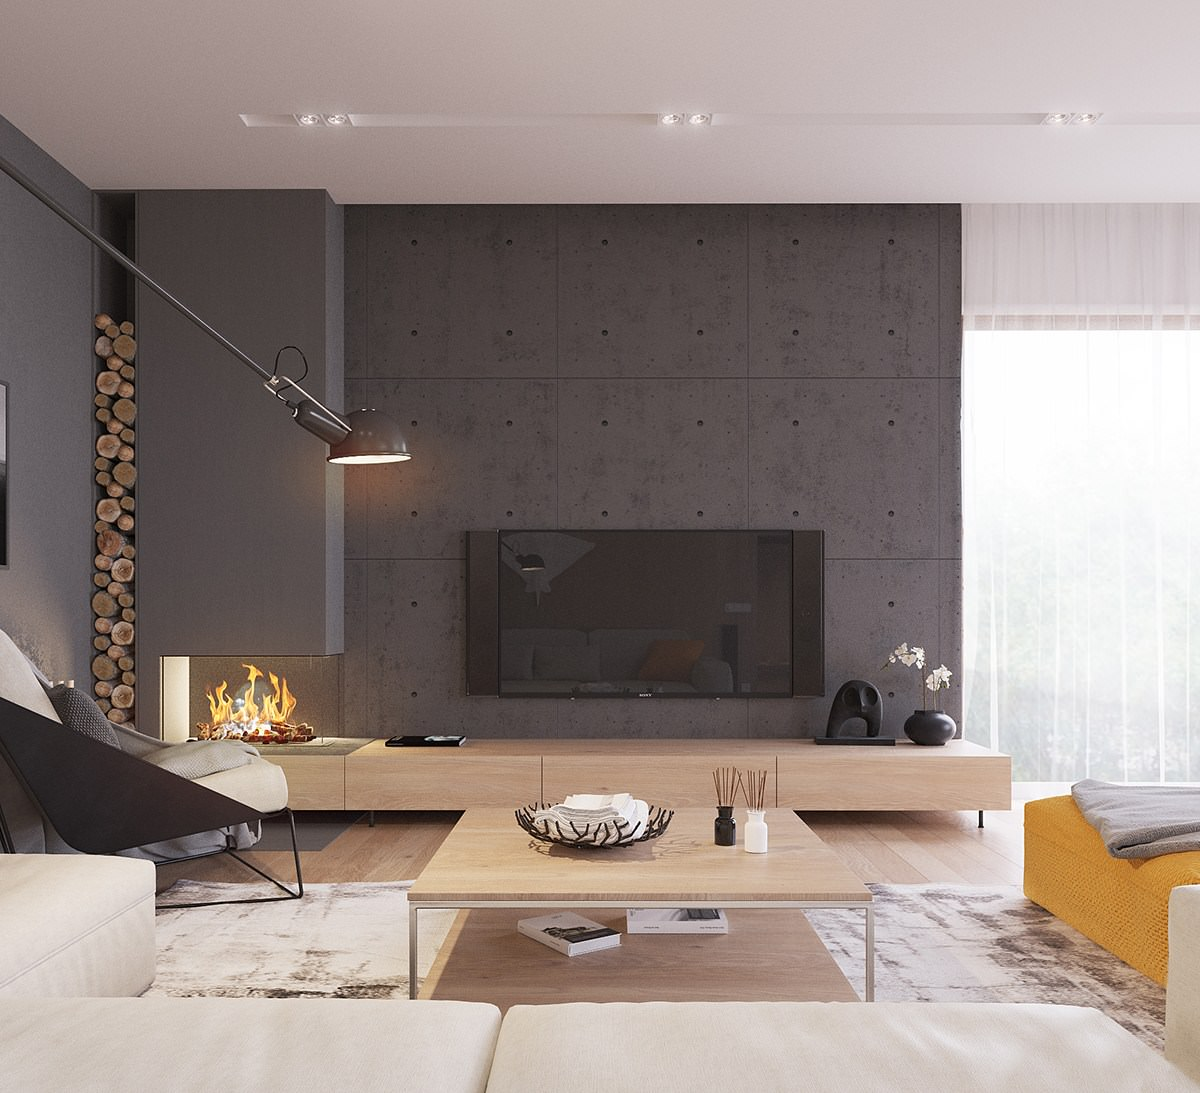 Scegli che stile vuoi dare. Originale Appartamento In Stile Scandinavo Moderno Ed Elegante Arredamento Casa Moderna Start Preventivi